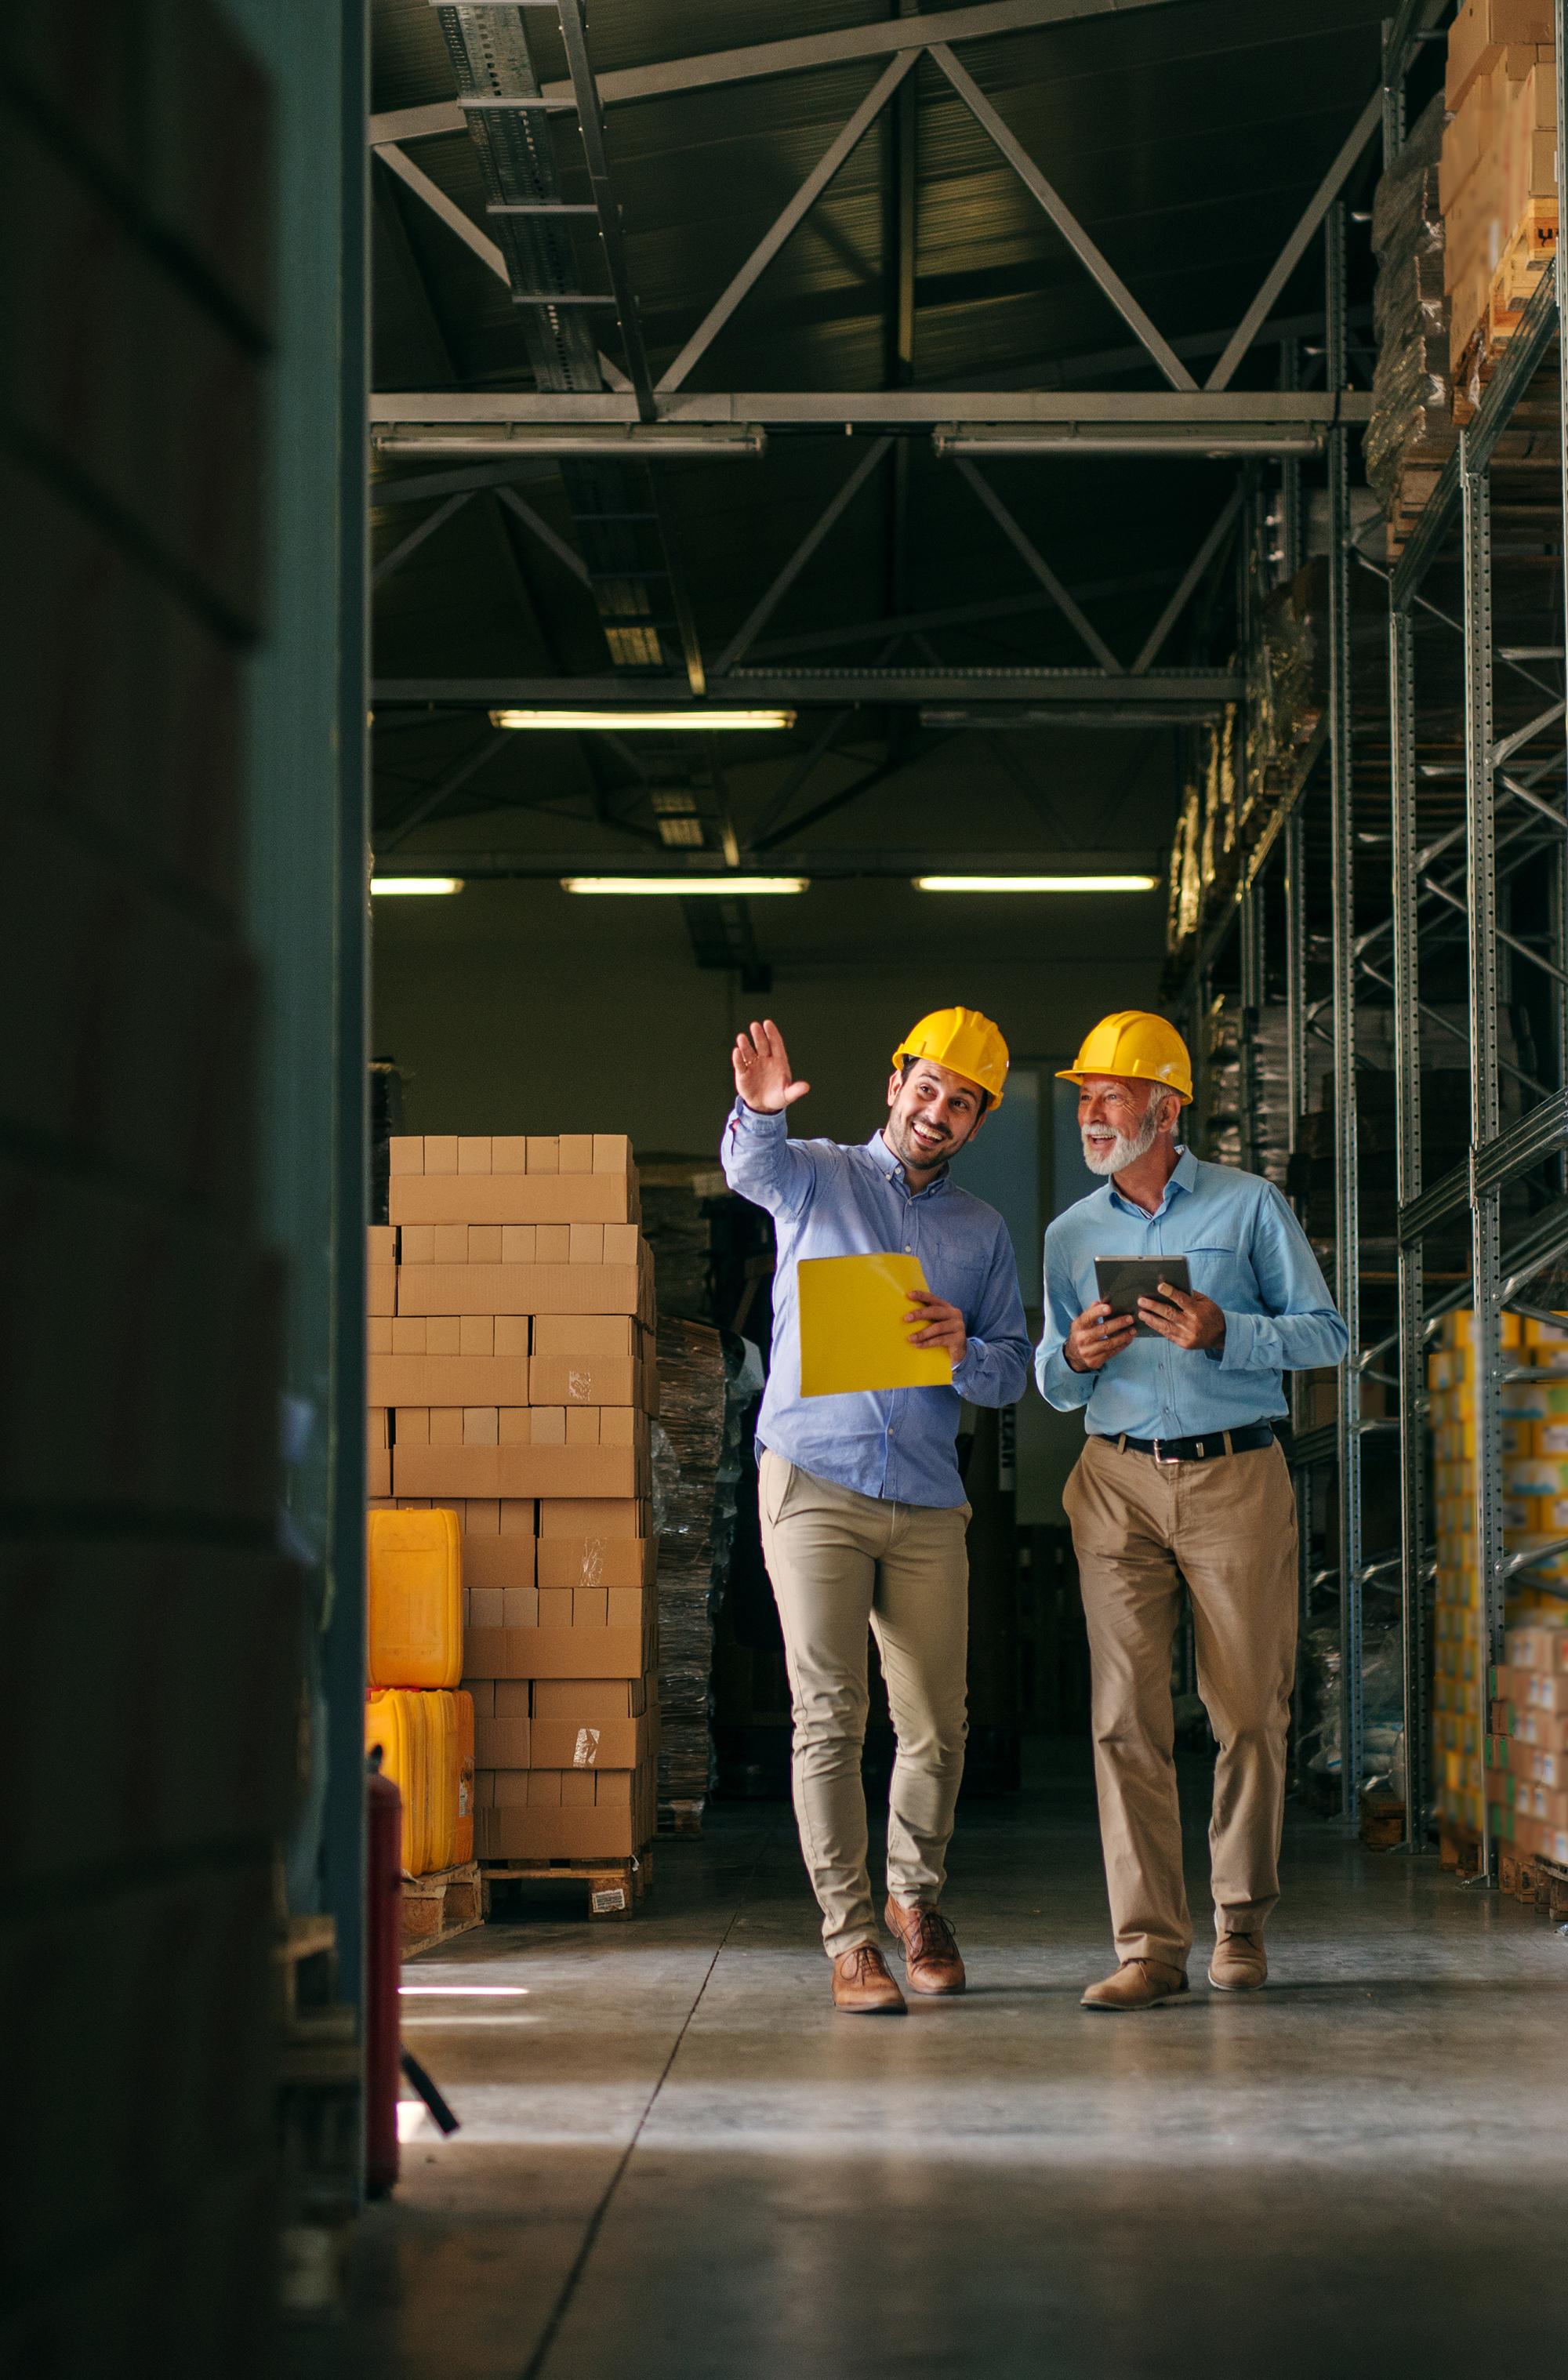 Two men walking through big warehouse